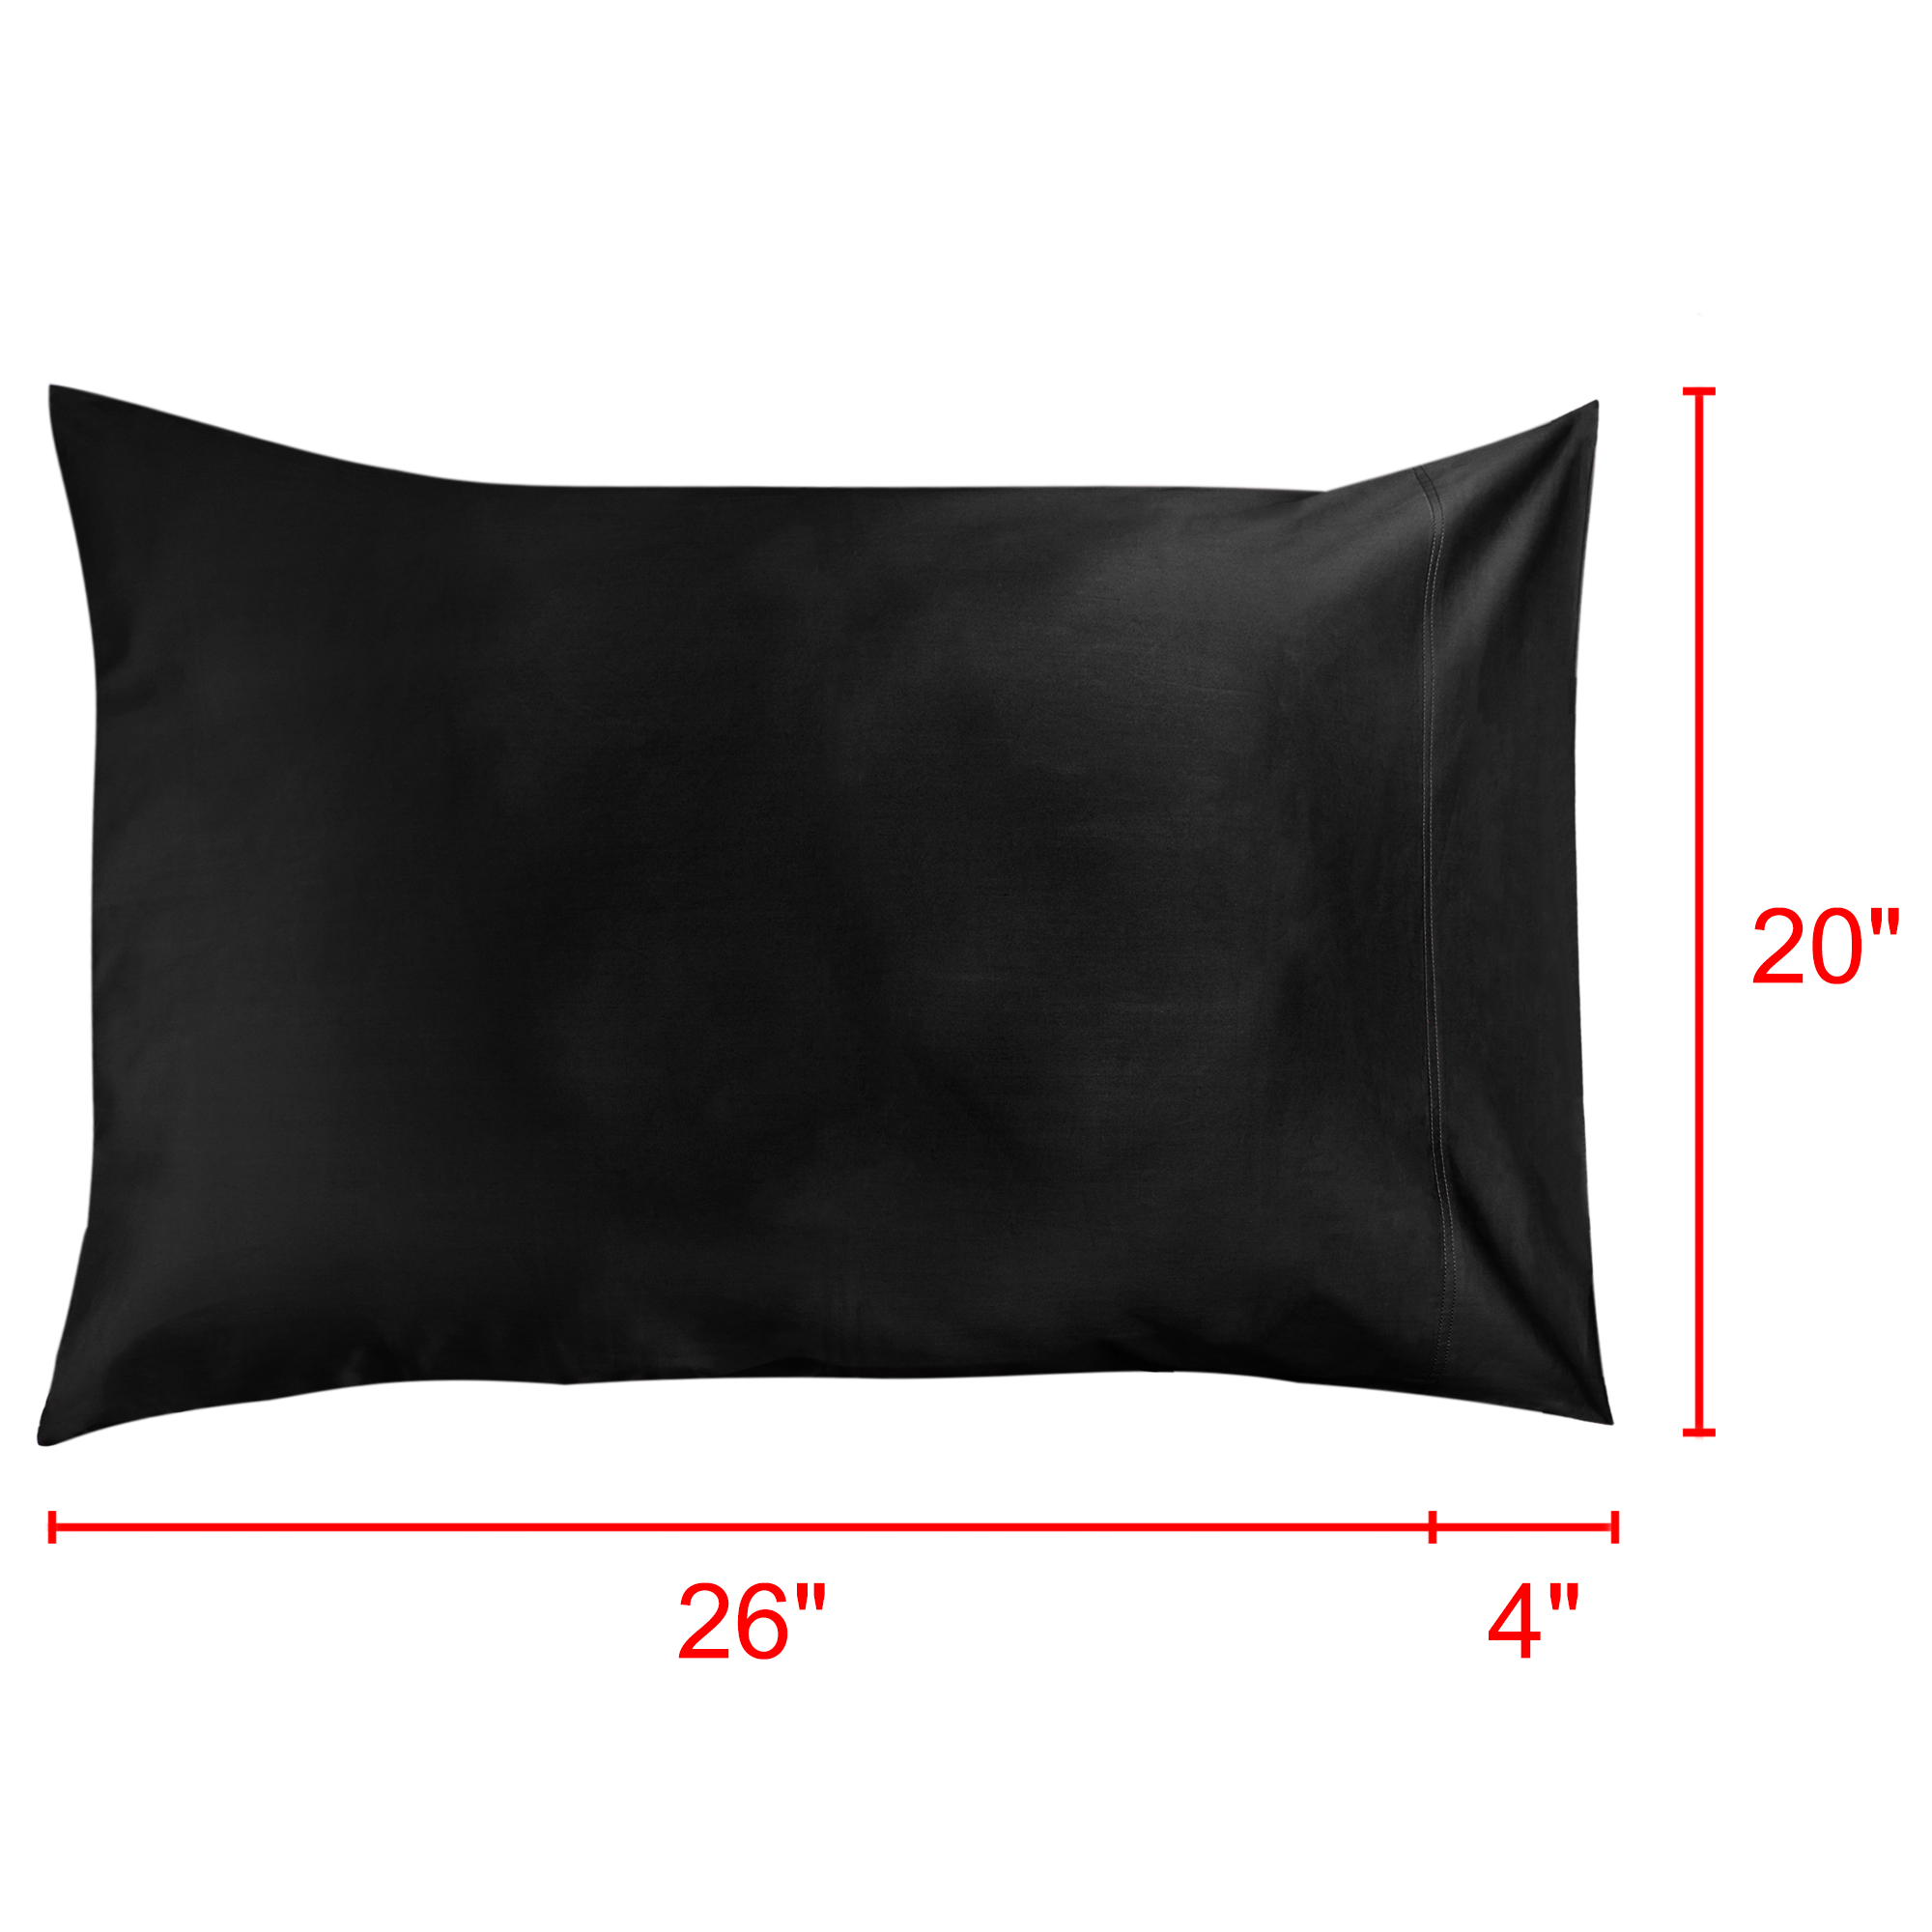 """Pillow Cases 100% Long Staple Combed Cotton 300 TC, Black 20"""" x 30"""", Set of 2 - image 3 de 7"""